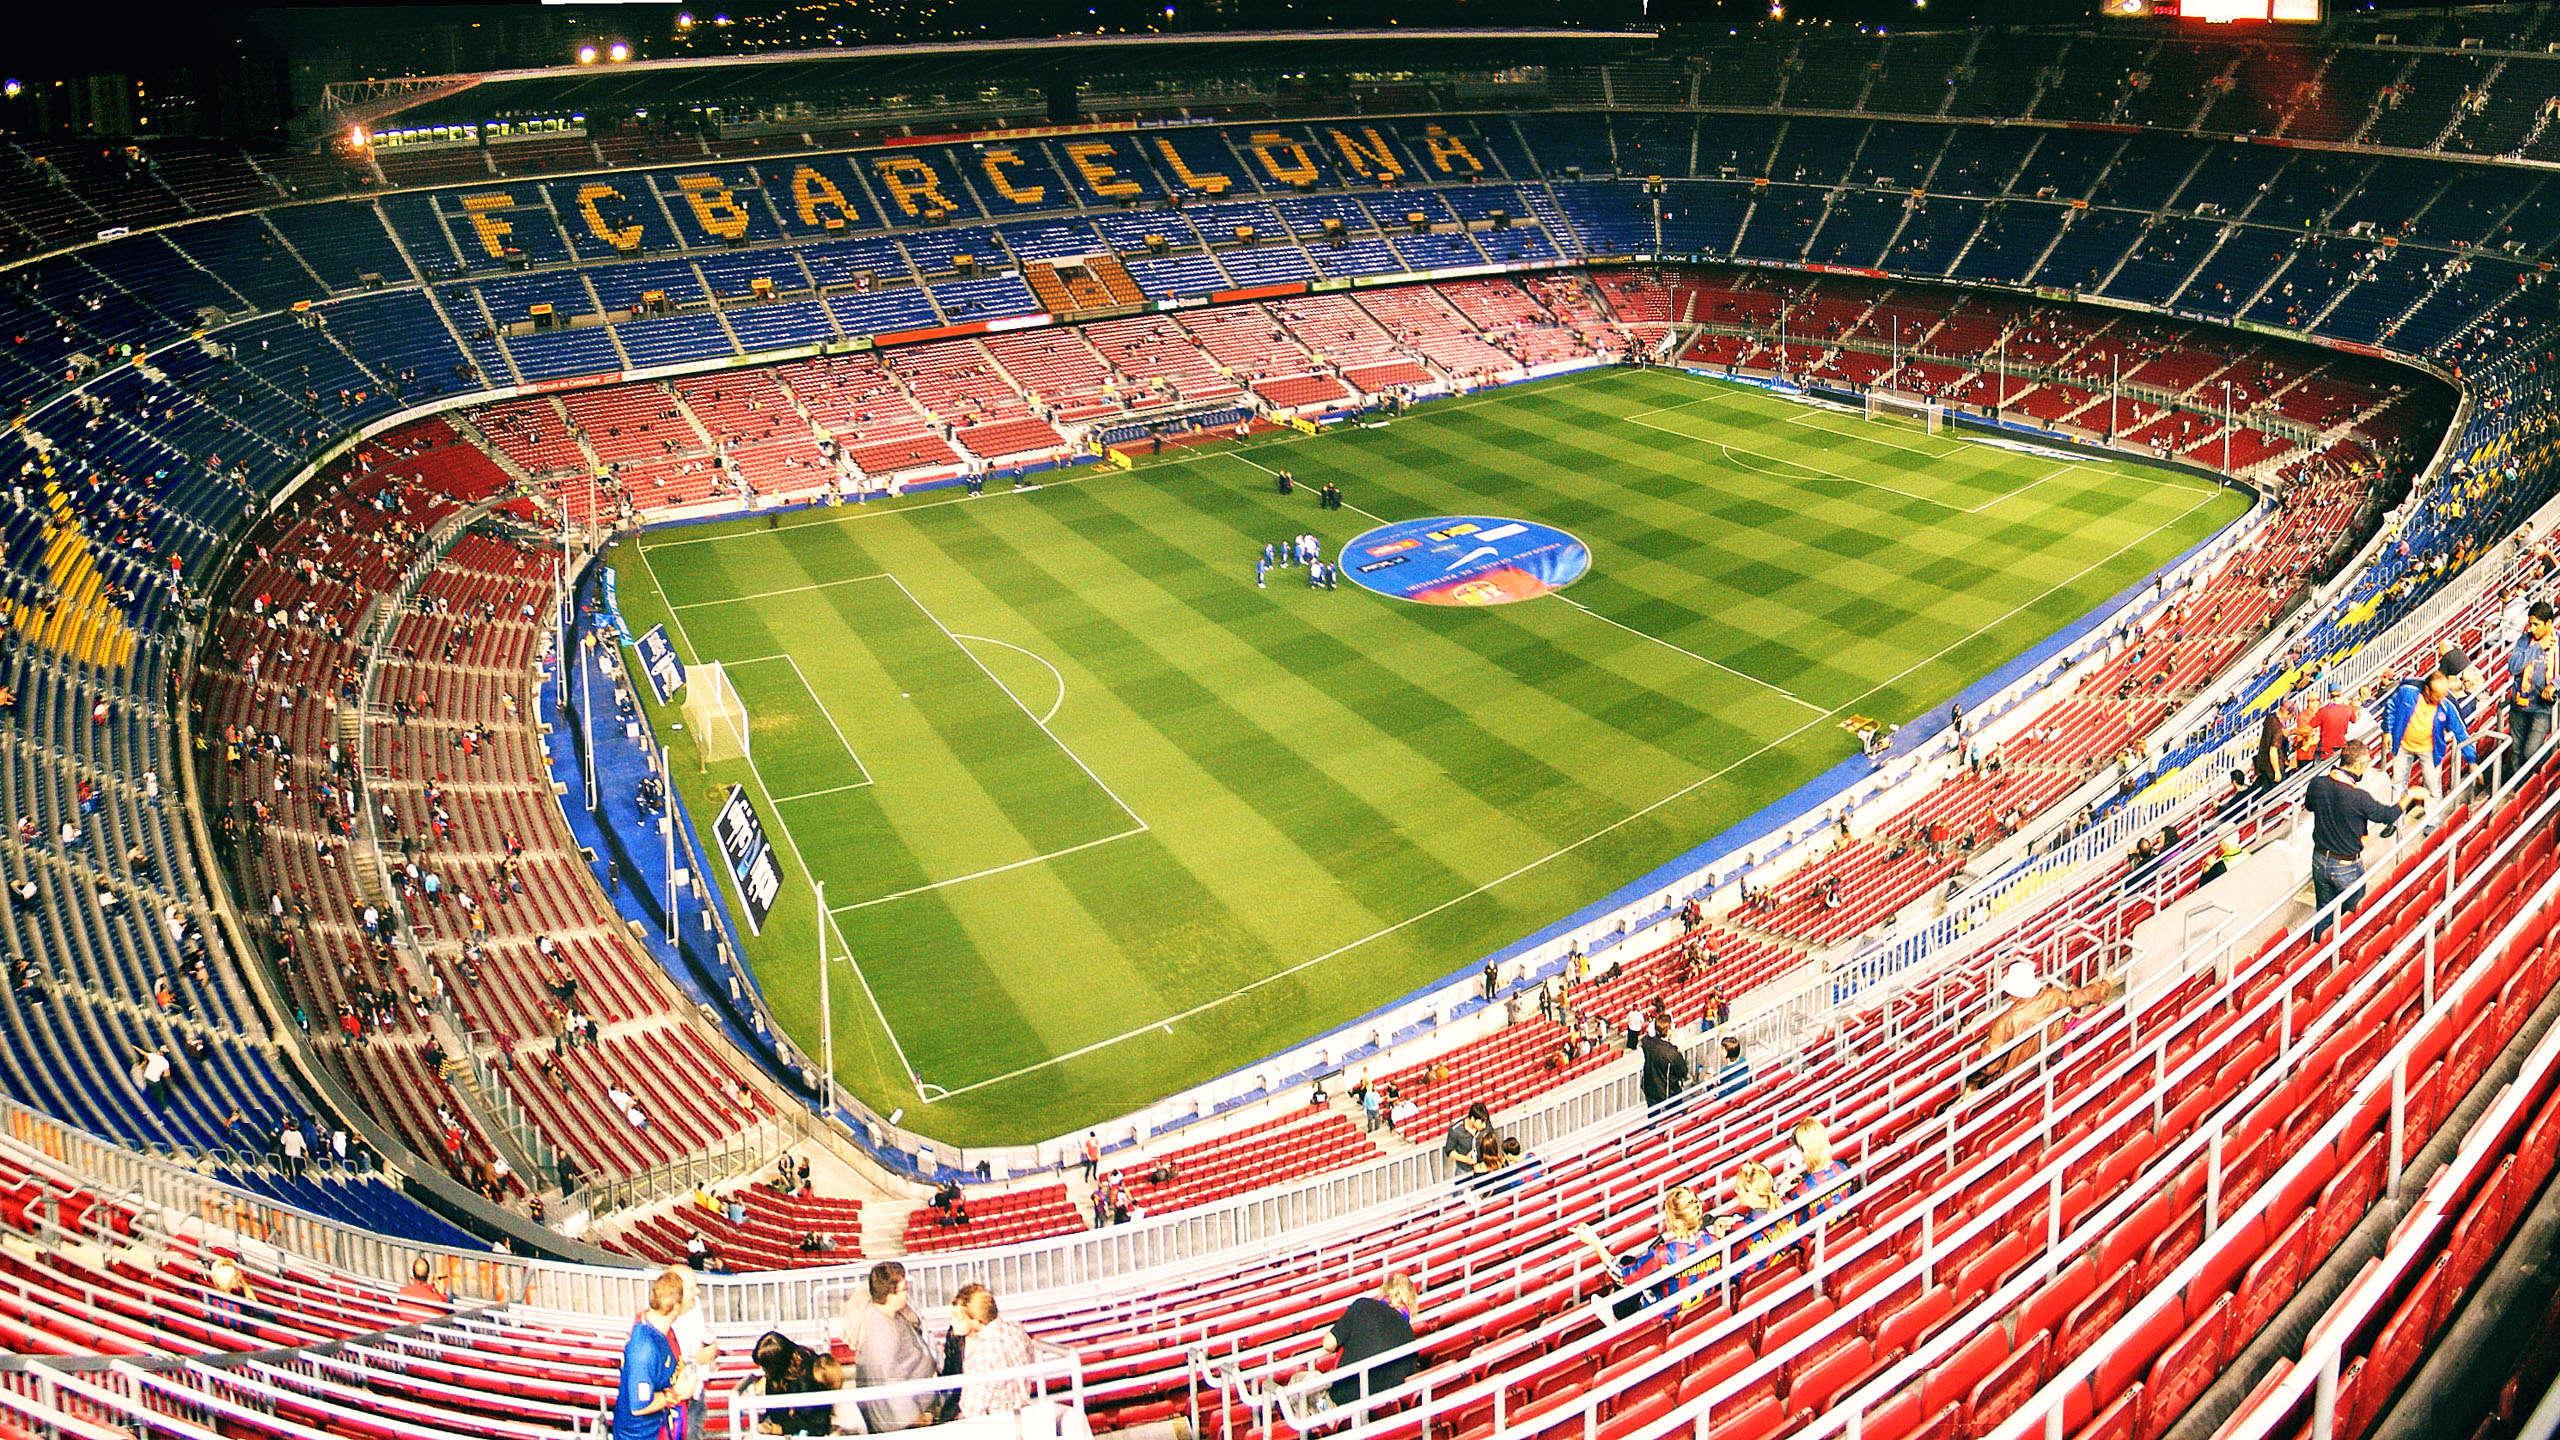 Camp Nou Barcelona 2560x1440 Wallpaper download yoyo 2560x1440